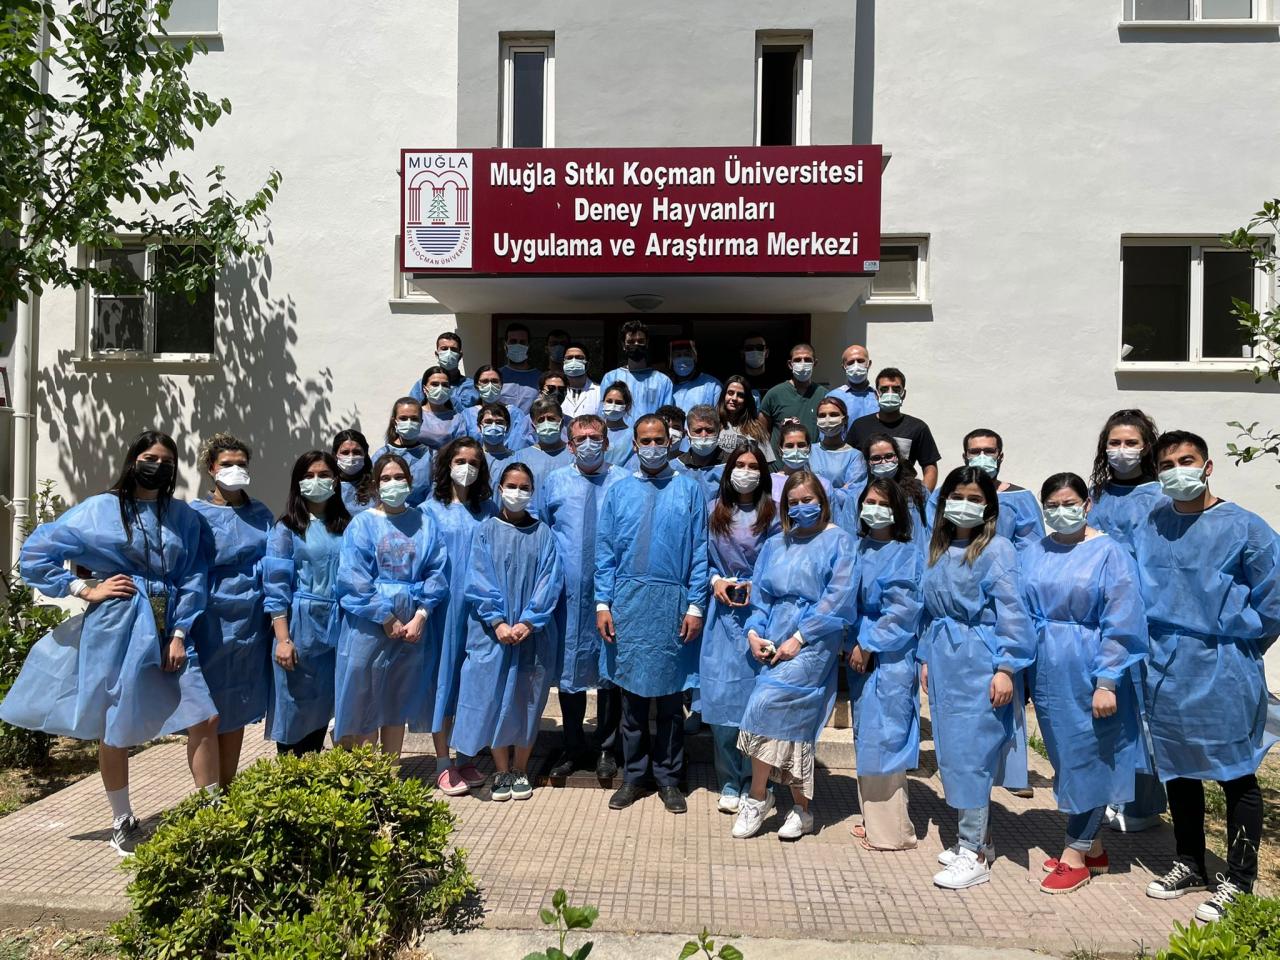 Deney Hayvanları Uygulama ve Araştırma Merkezi (MUDEM), Deney Hayvanları Kullanım Sertifikası Kursu'nun 2.sini başarıyla tamamladı